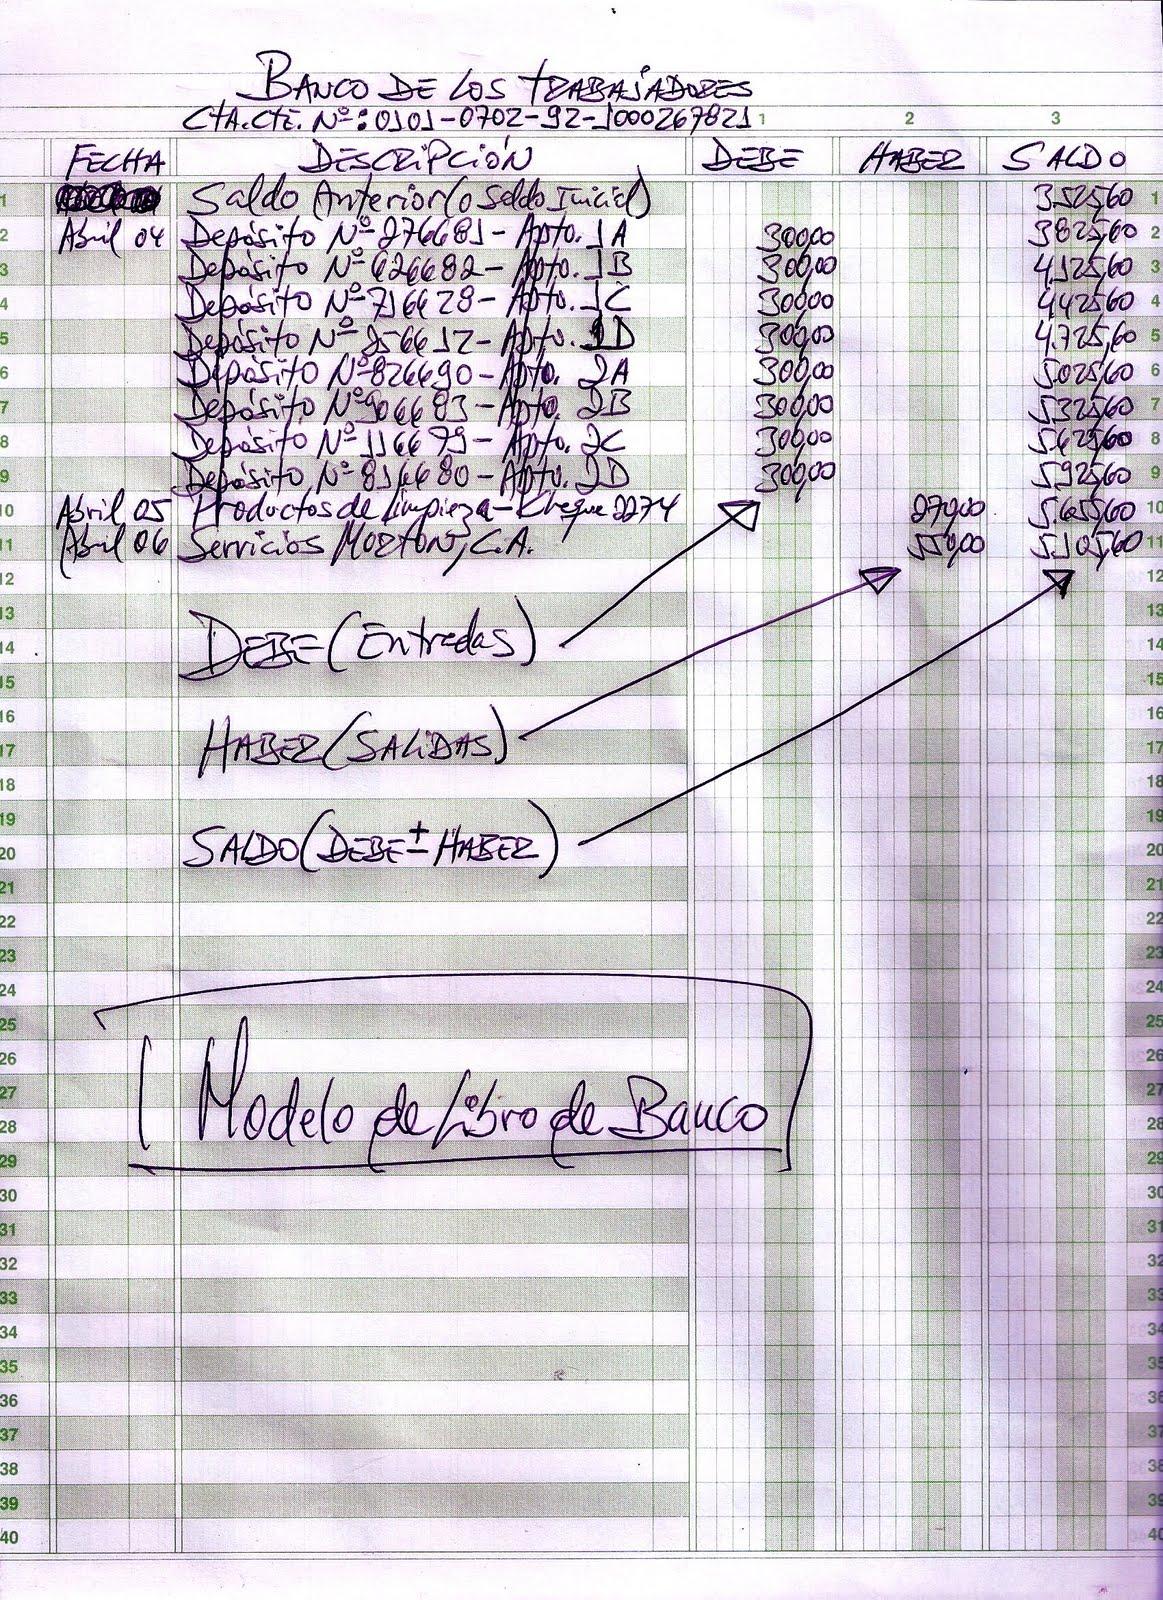 libro bancos contabilidad: